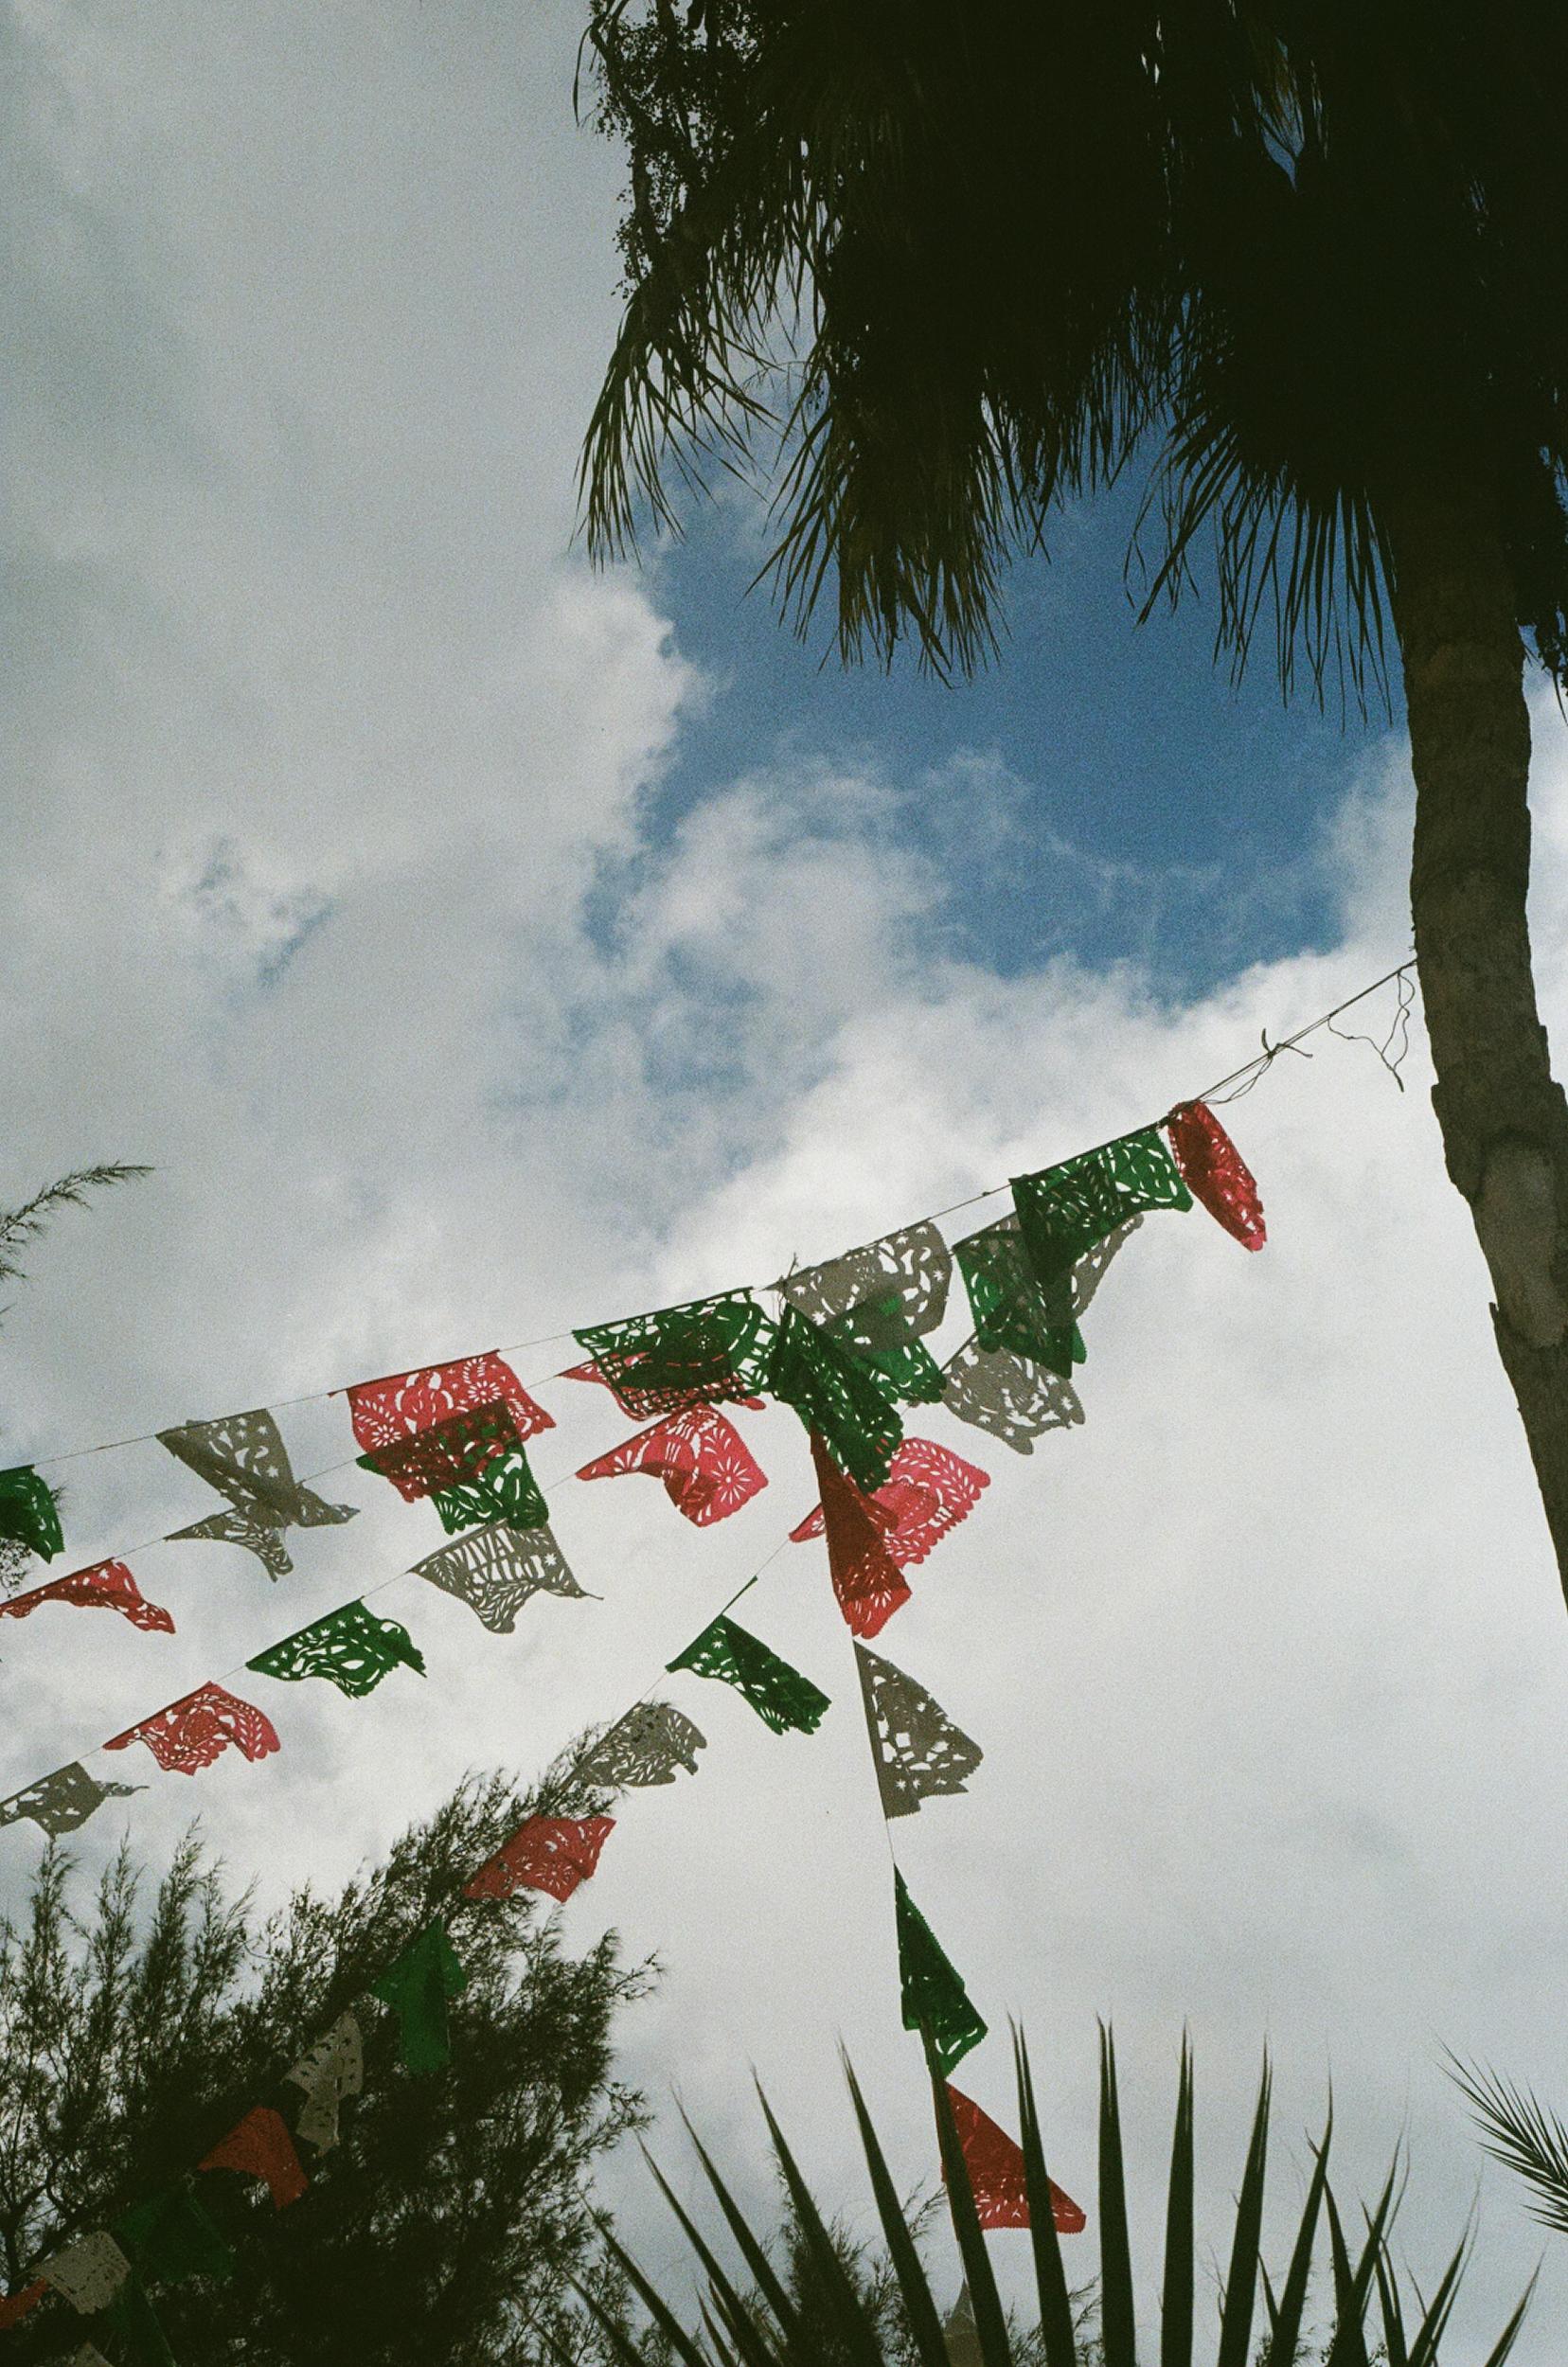 MEXICO_OCT2018_35MM_72.JPG